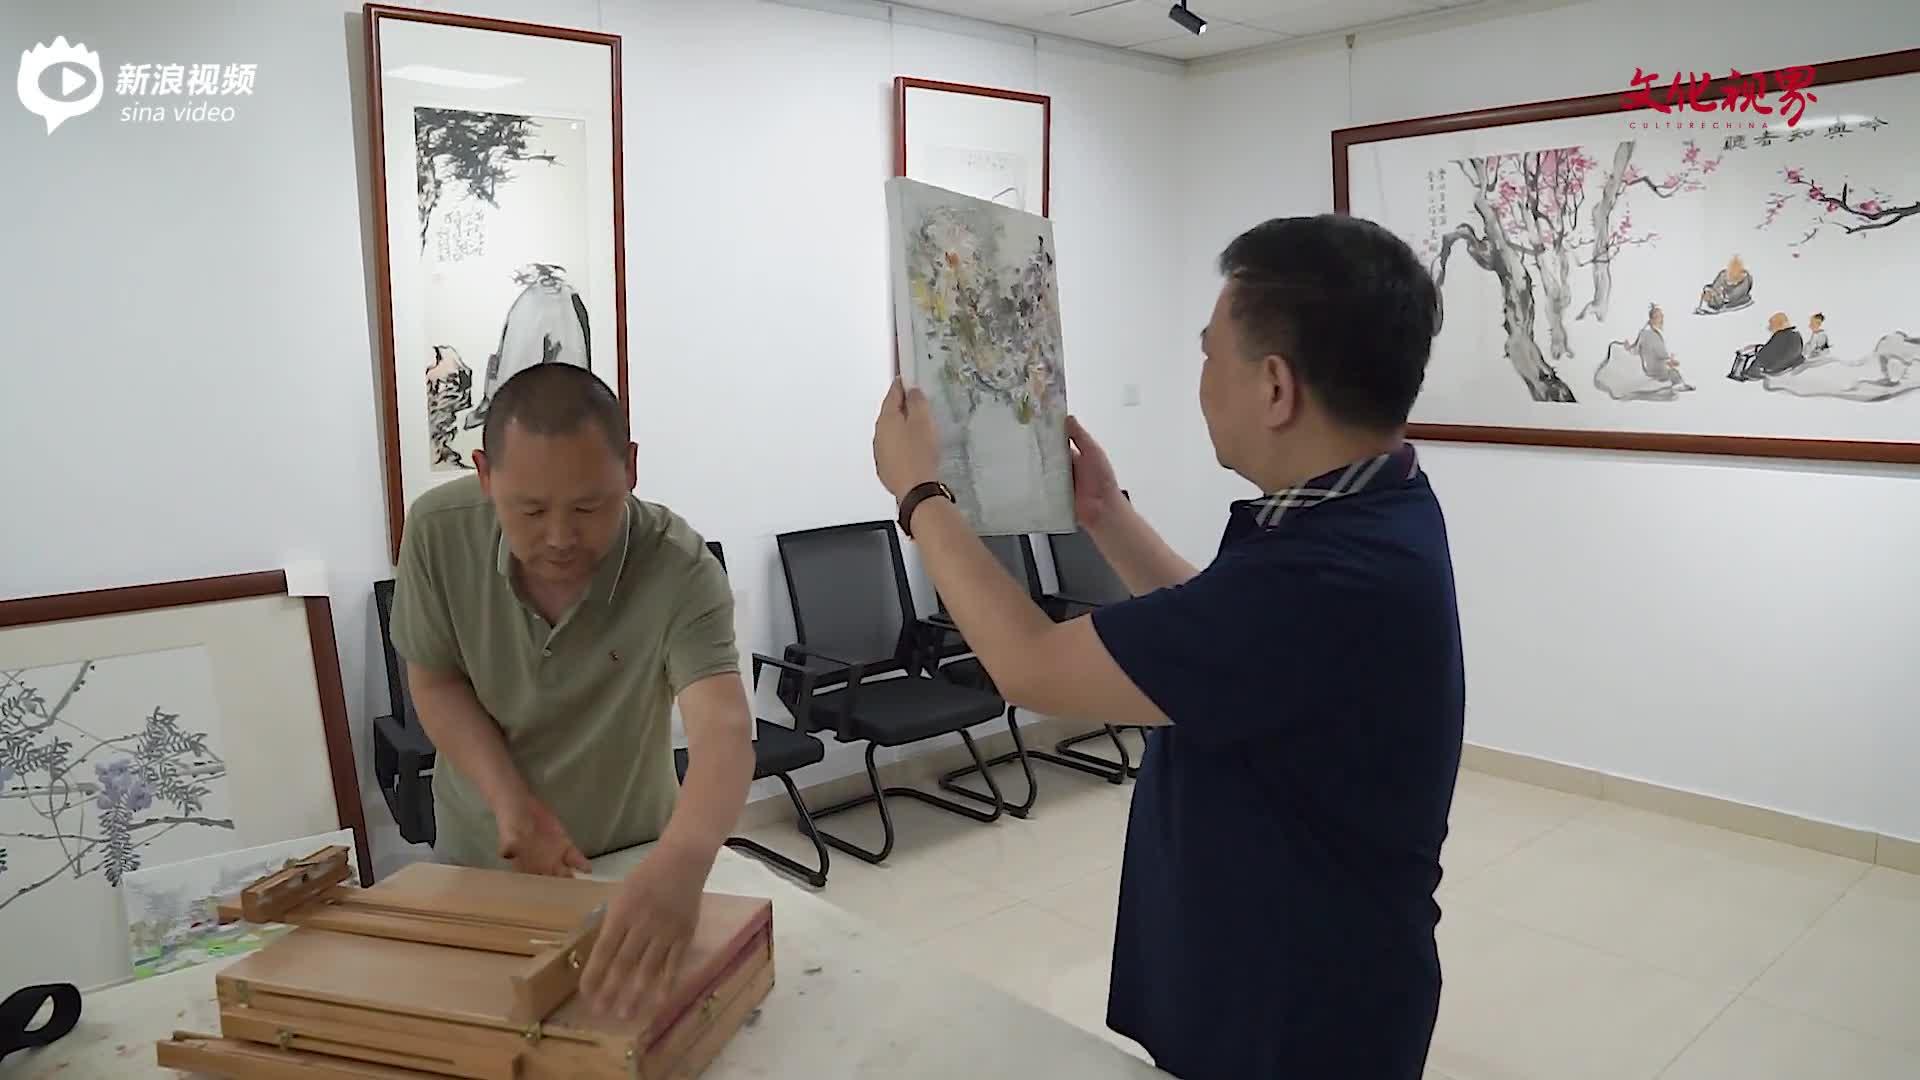 仙露明珠,高风亮节——著名画家刘明亮走进文化视界